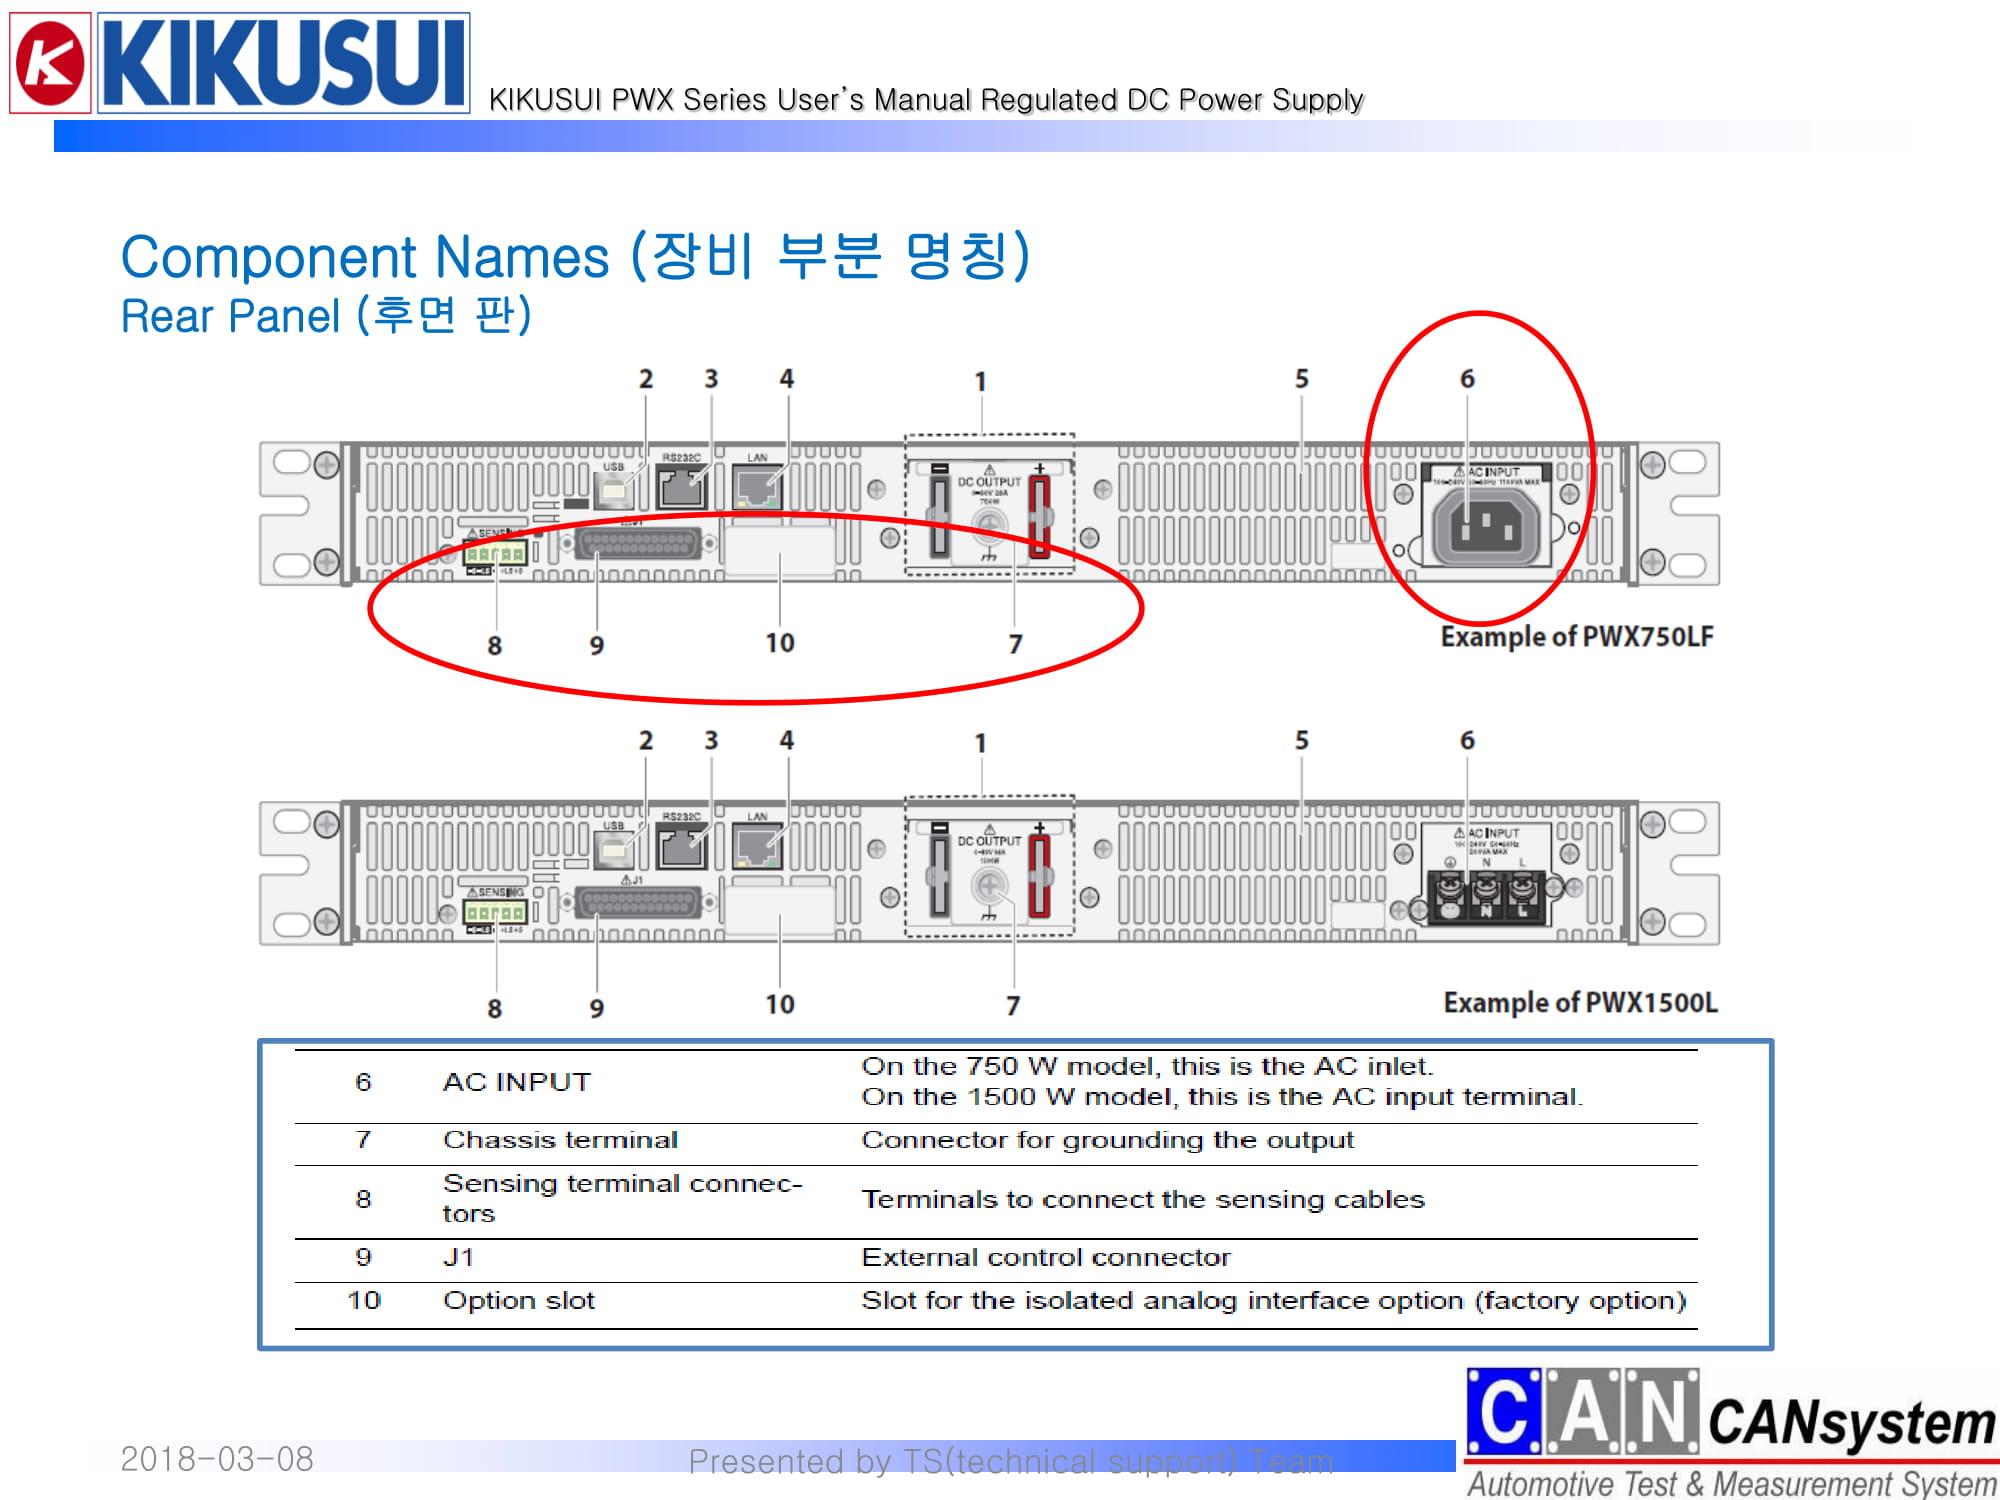 KIKUSUI PWX1500L 사용 가이드-11.jpg